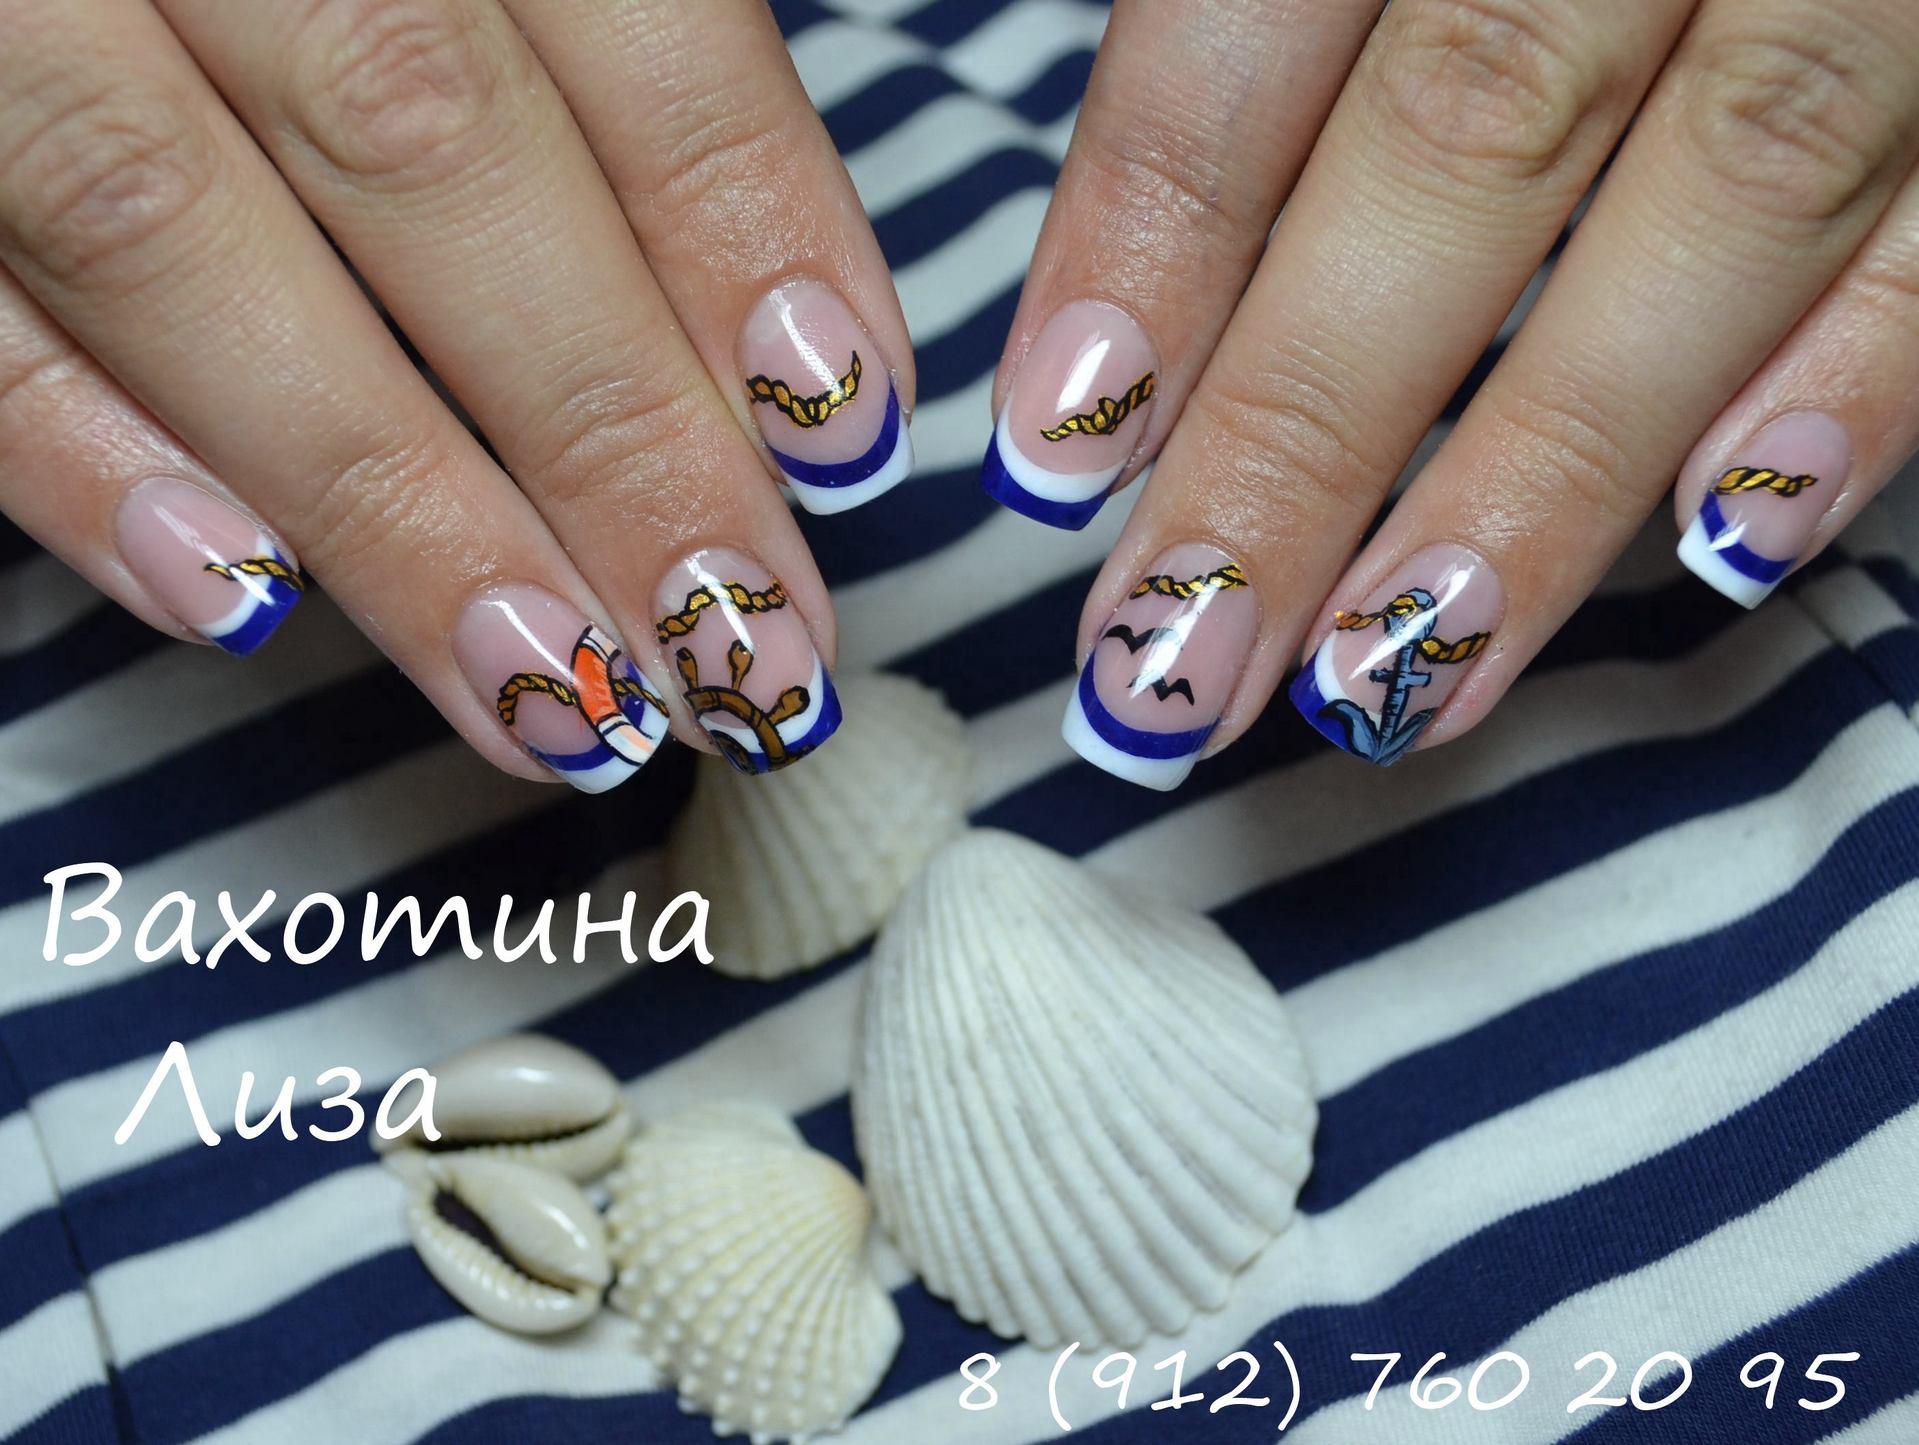 Морские дизайны на ногтях фото